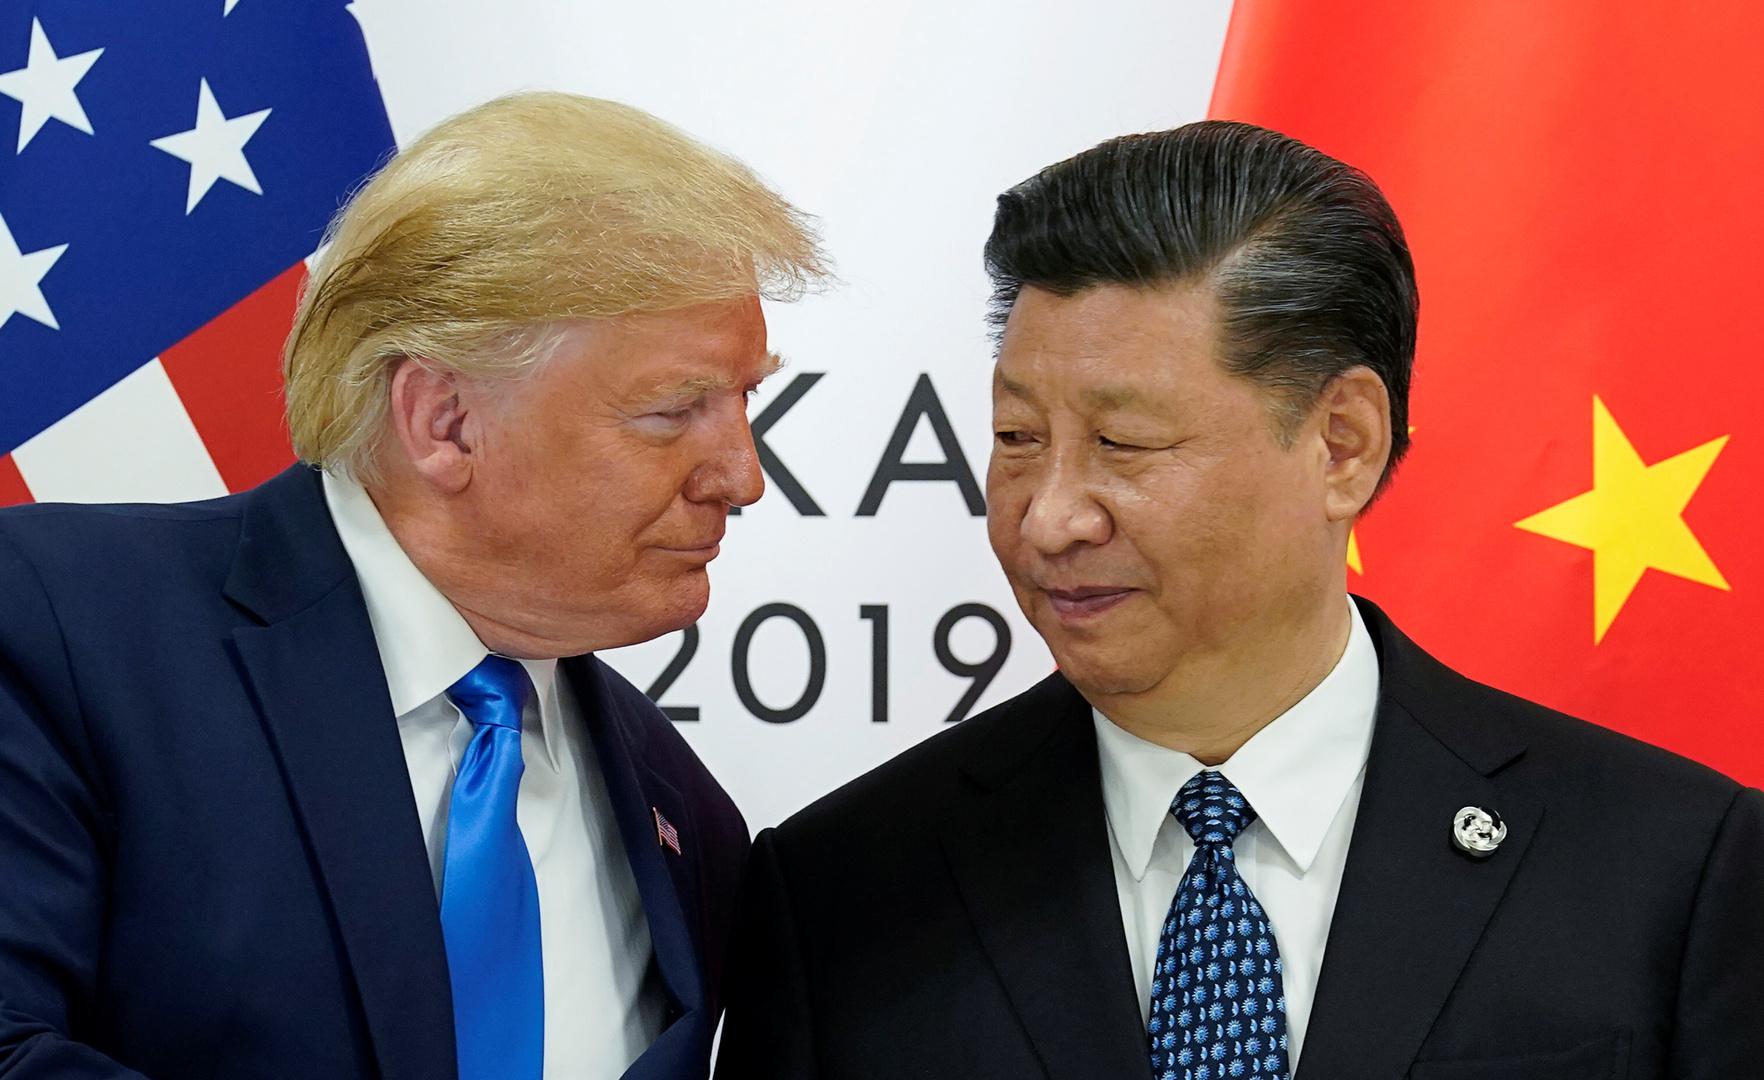 الرئيس الأمريكي، دونالد ترامب، ونظيره الصيني، شي جين بينغ.